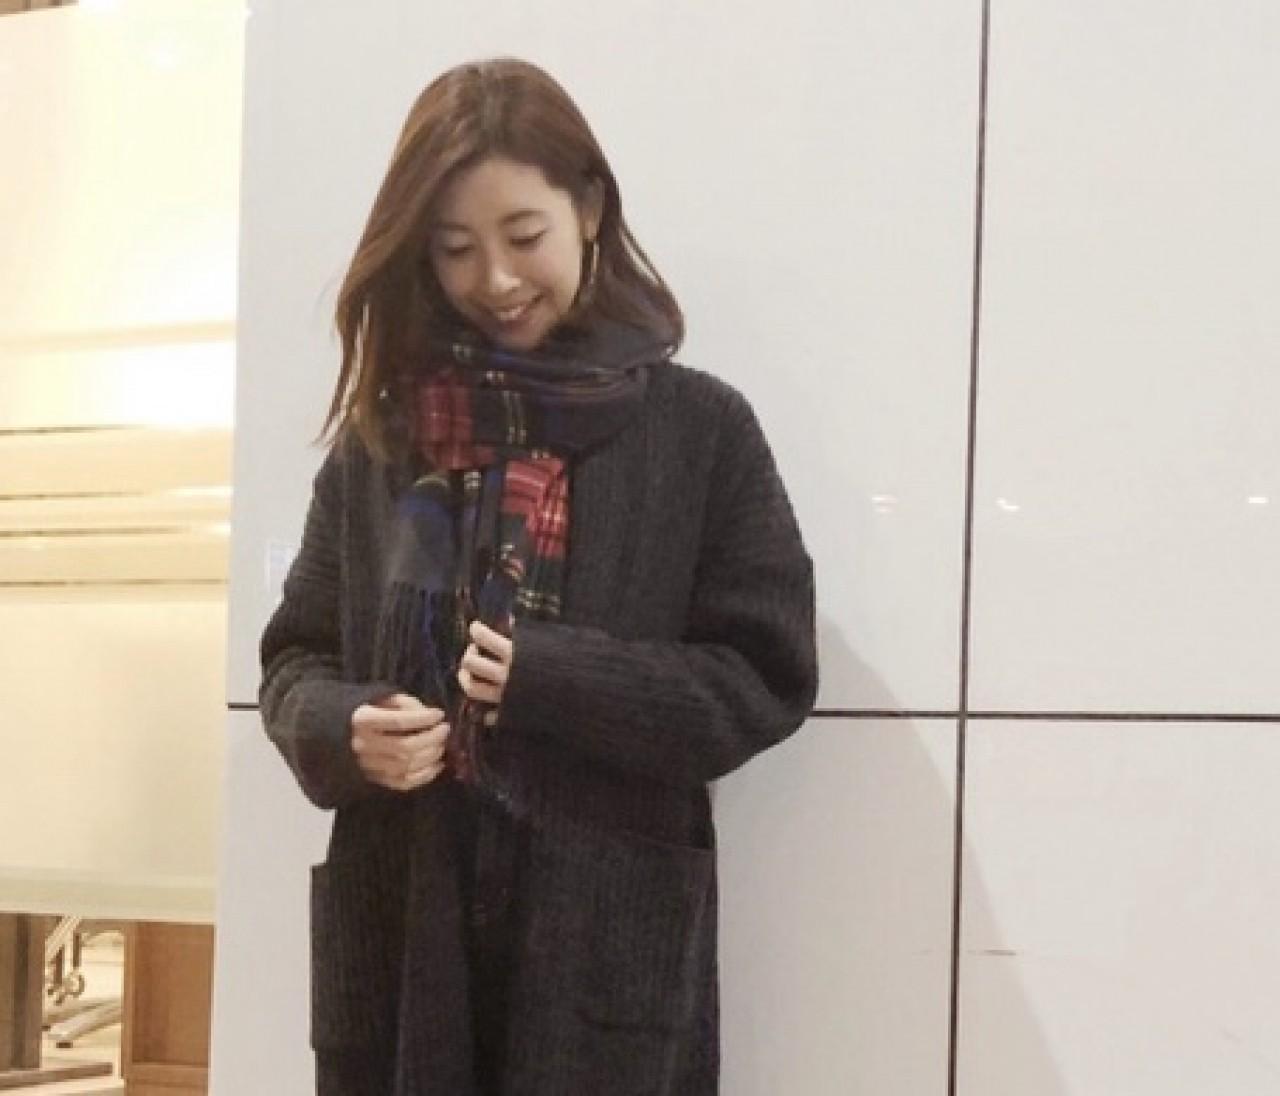 【ついに出会ってしまった運命のデニム♡】RED CARD feat. ユニクロ&ZARAコーデ!